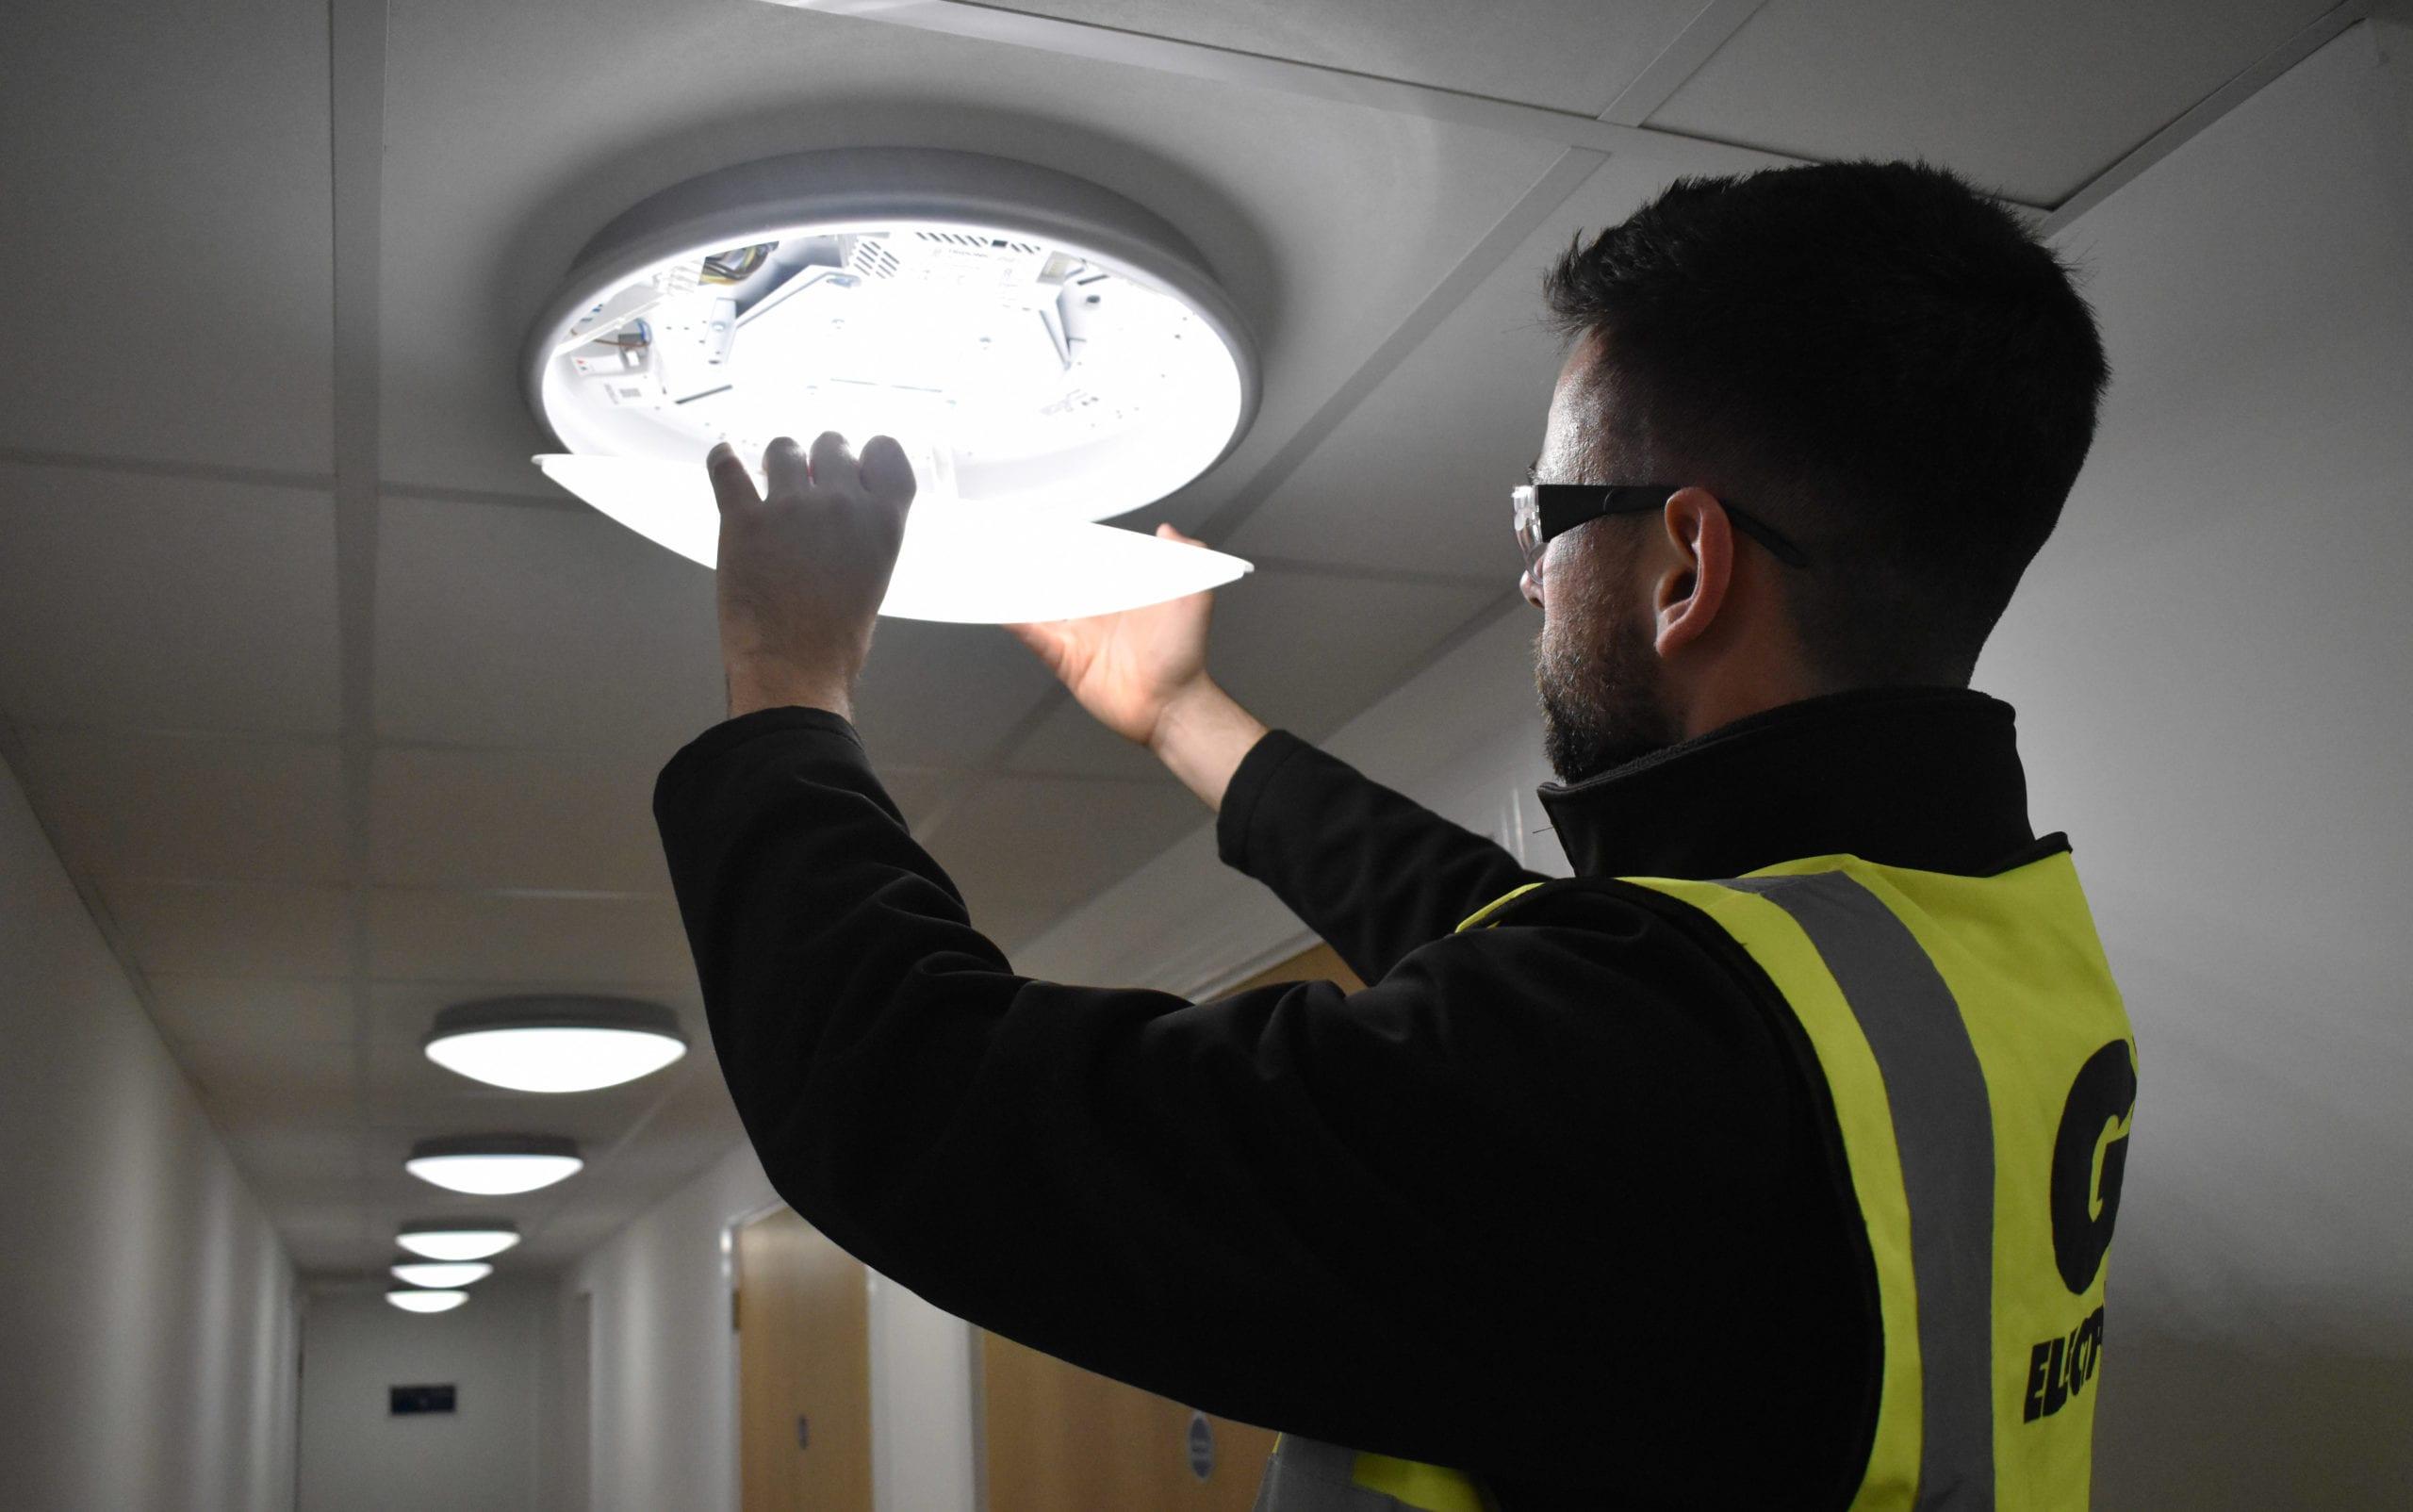 Emergency Lighting Compliance